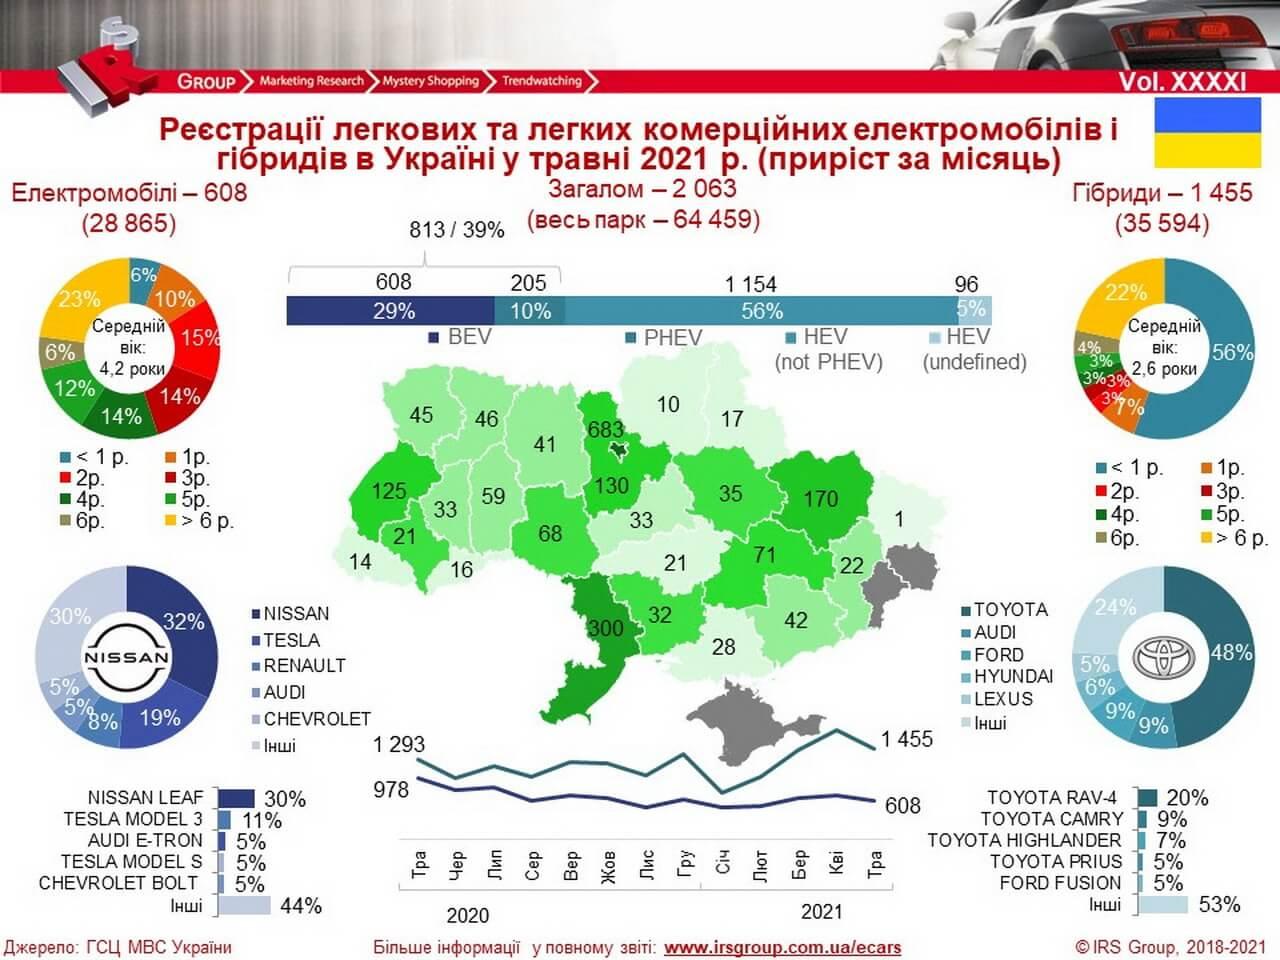 Количество зарегистрированных электрических и гибридных автомобилей в Украине на 01.06.2021 года